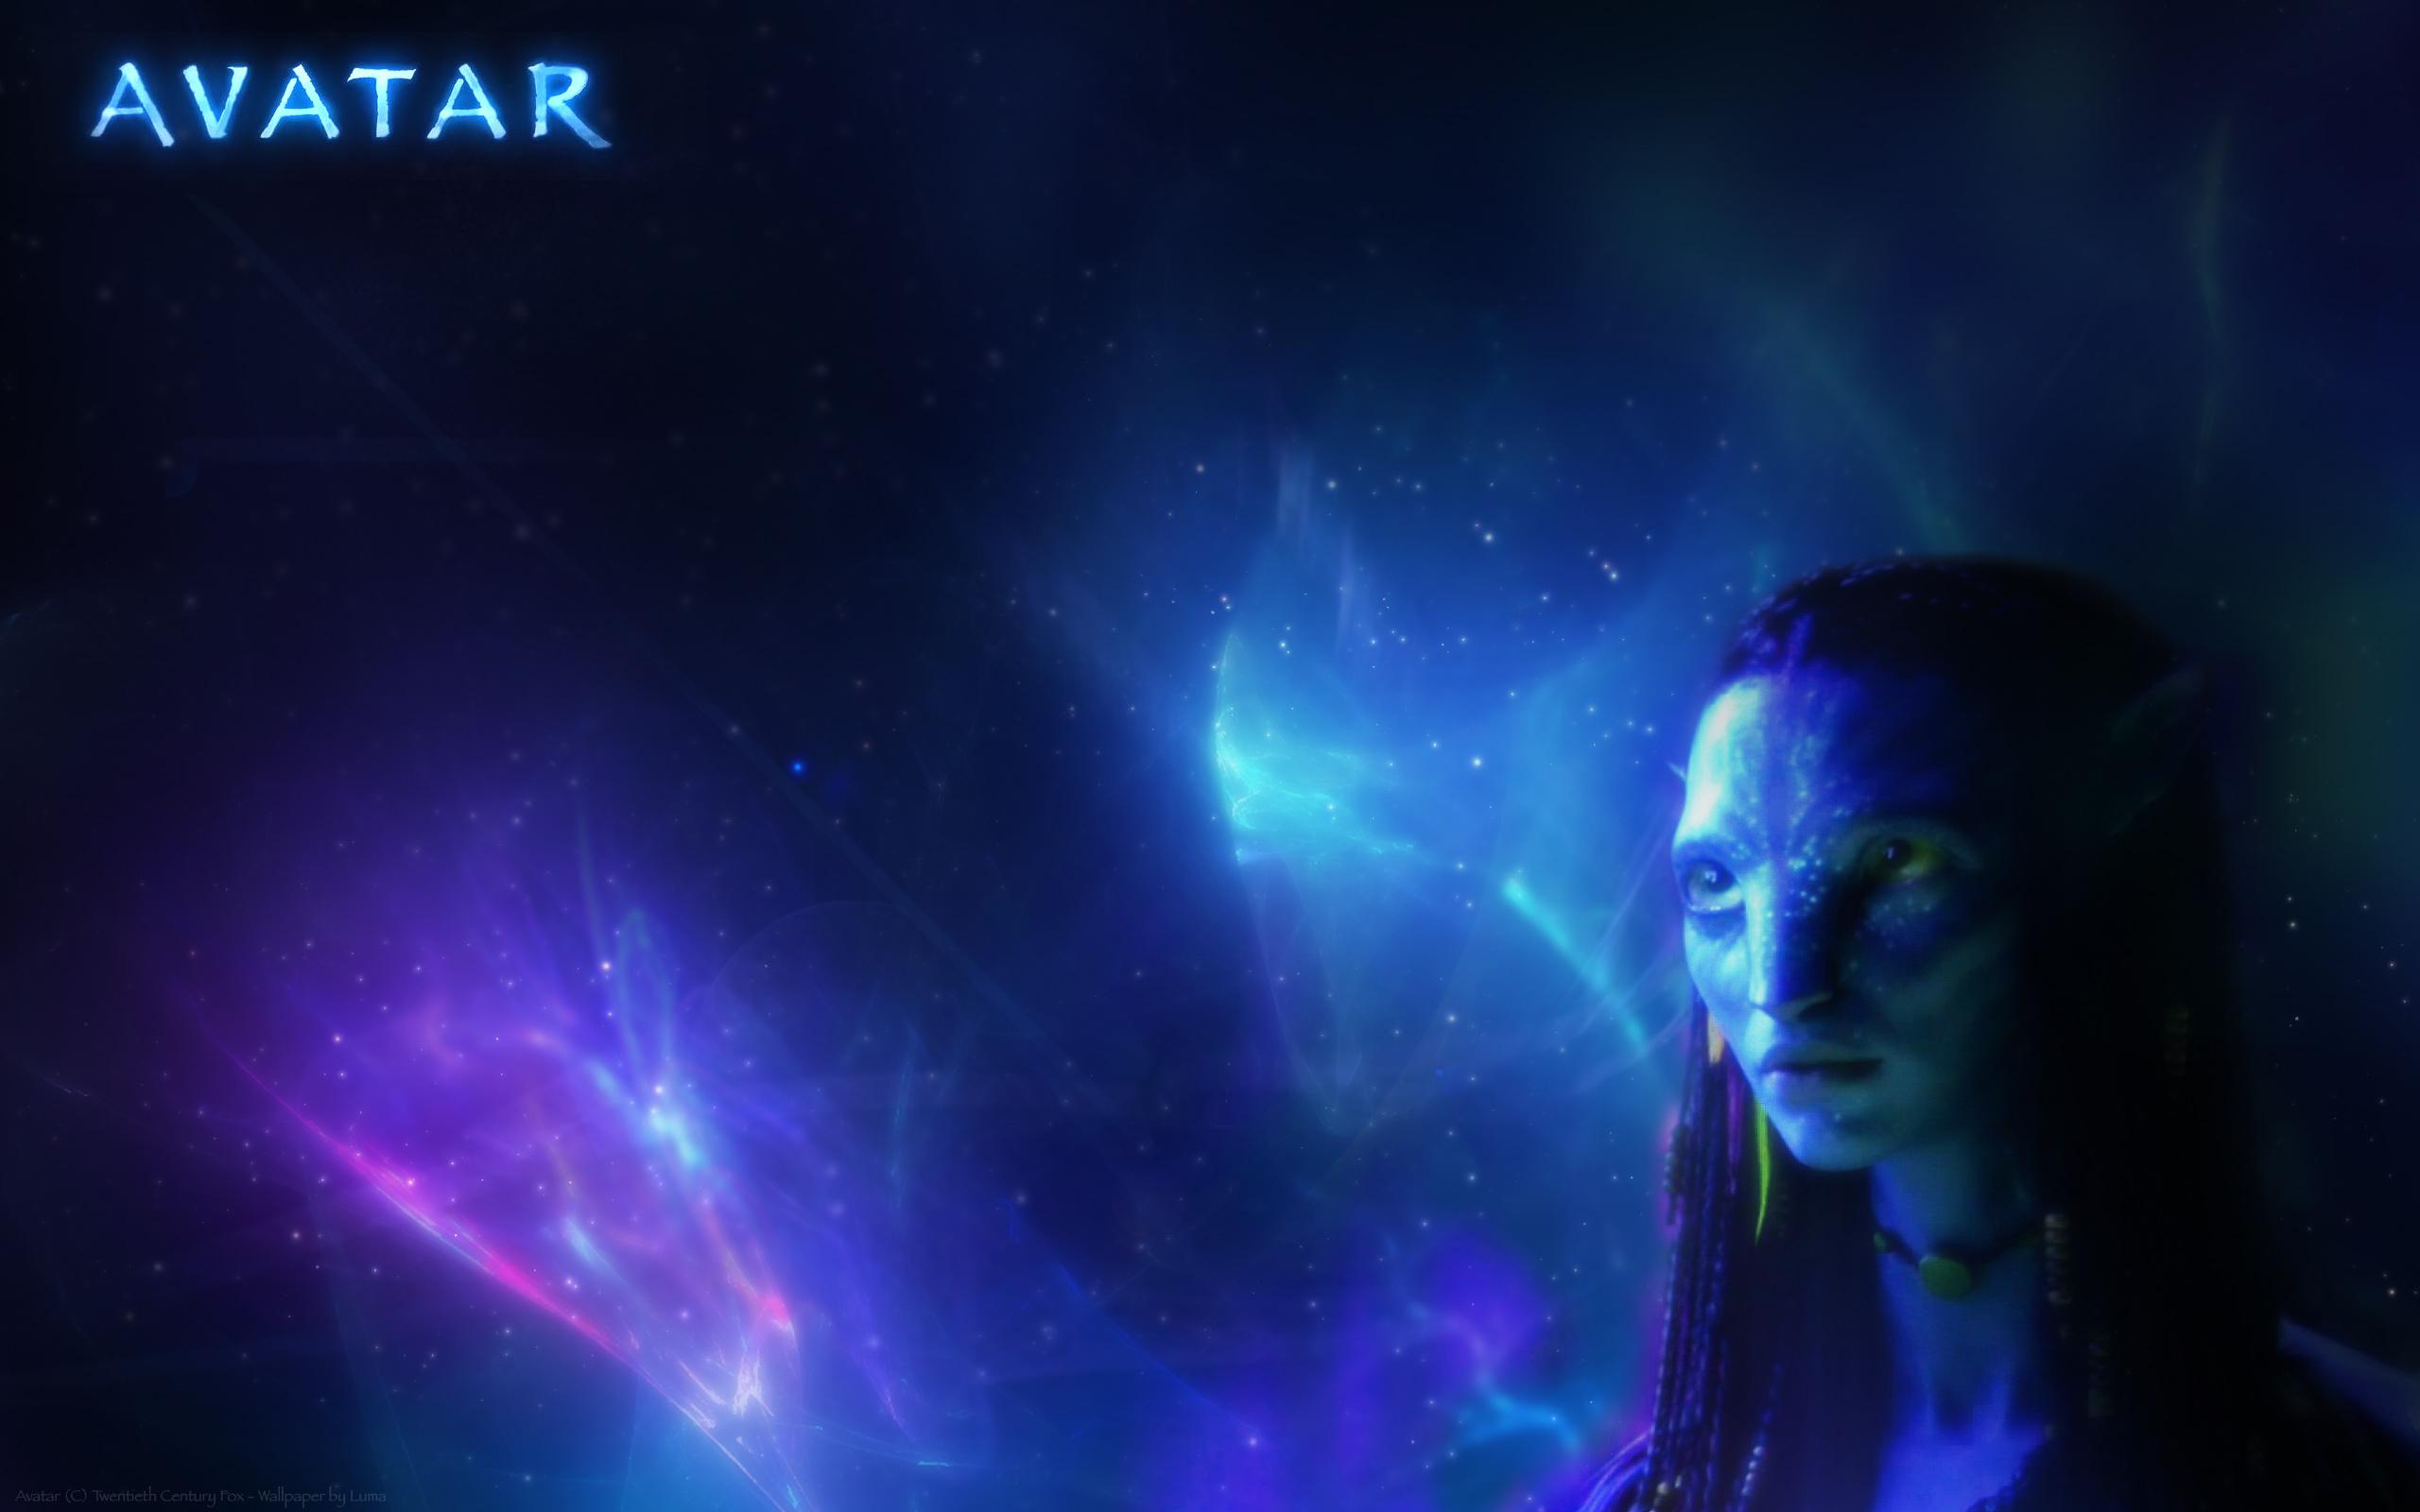 3D Avatar Wallpaper